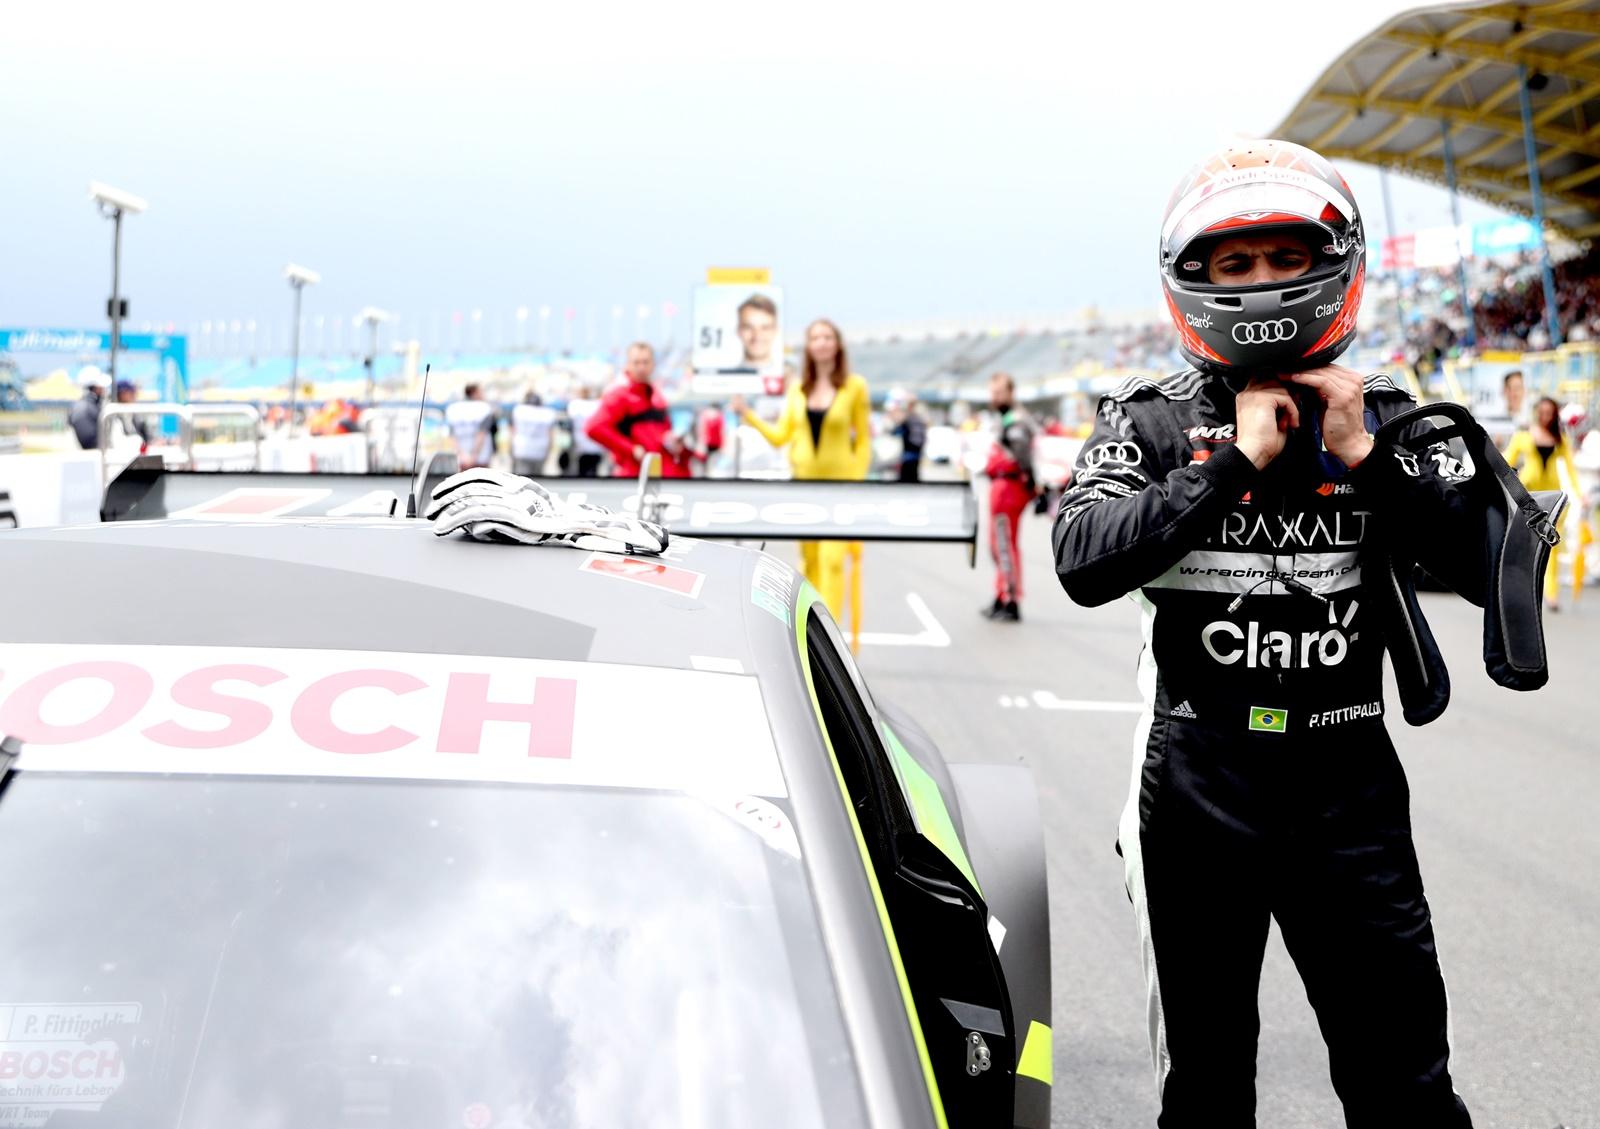 Photo of DTM – Pietro Fittipaldi conquista top-10 e volta a pontuar na DTM em Assen